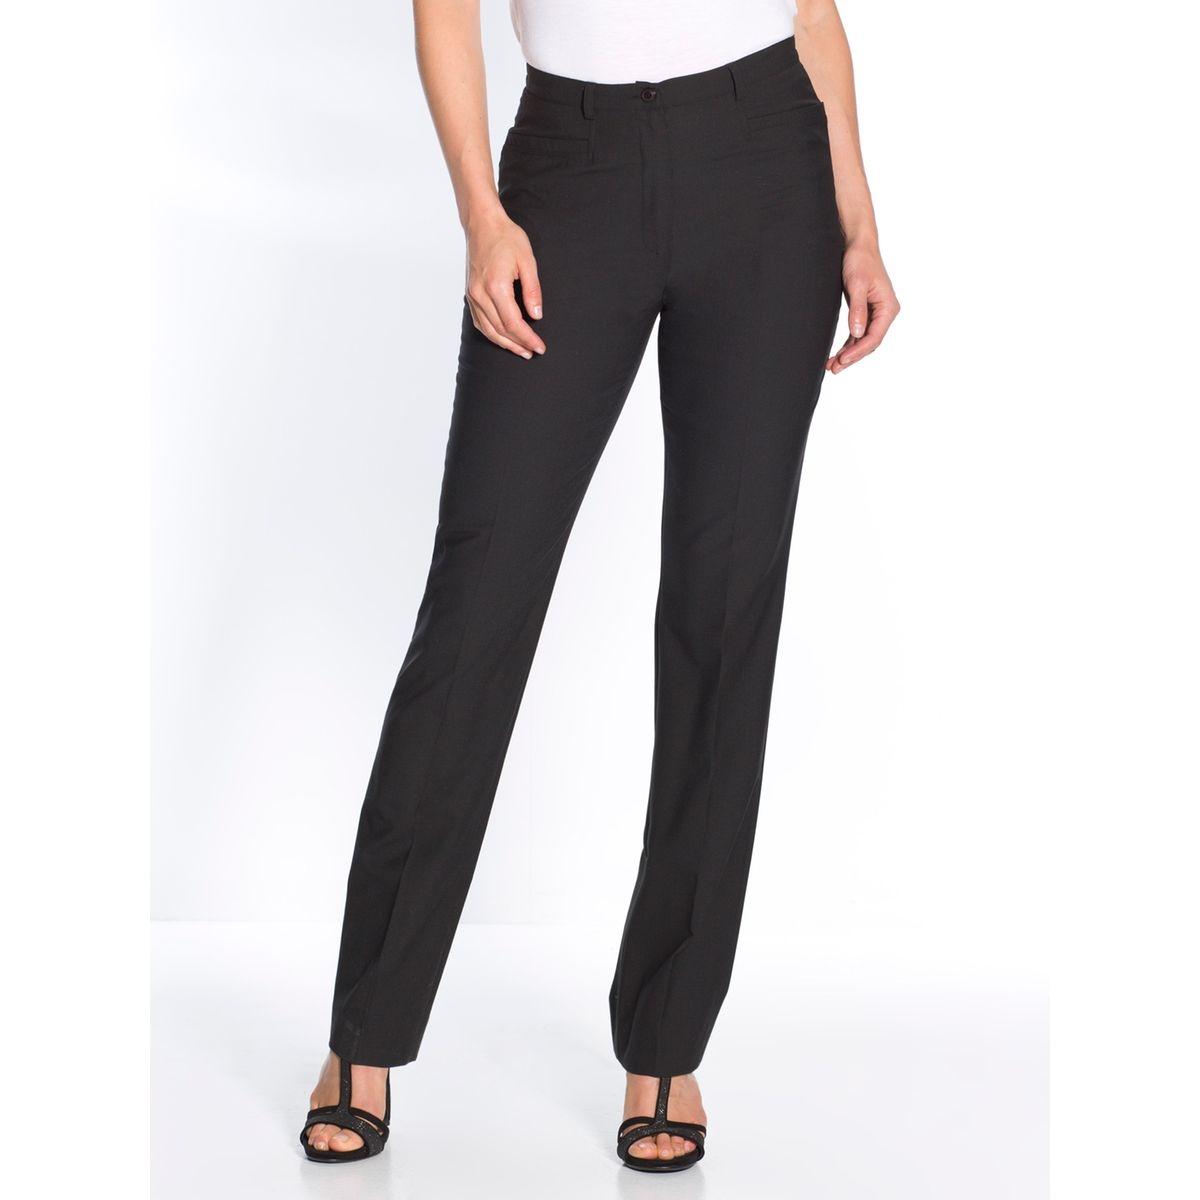 Pantalon 43% laine, vous mesurez moins d'1,60m